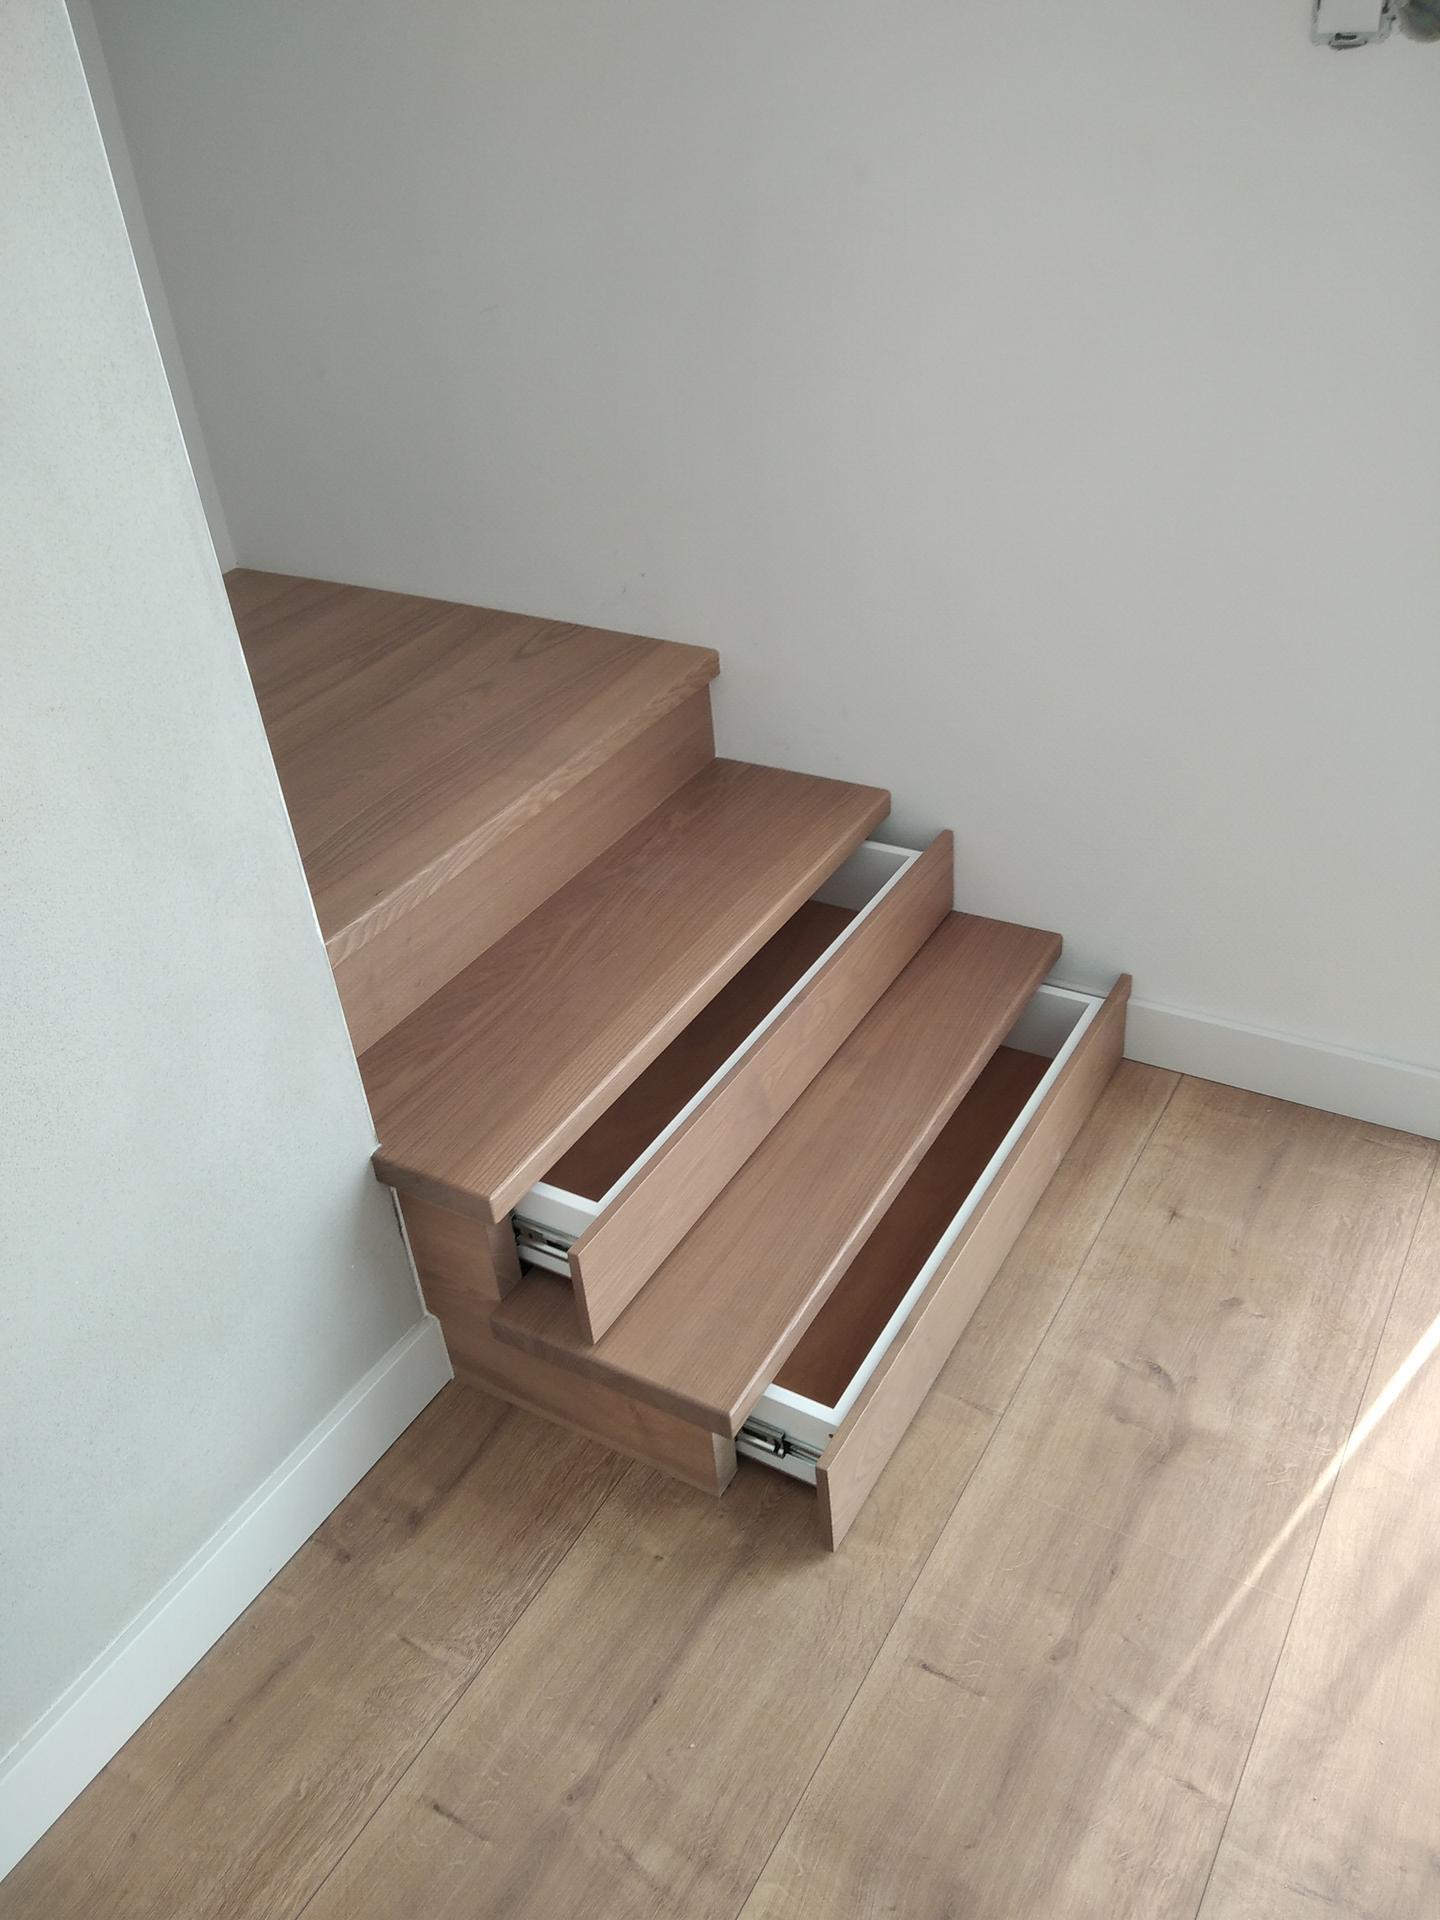 výroba drevených schodov a zábradlia na mieru - Obrázok č. 2